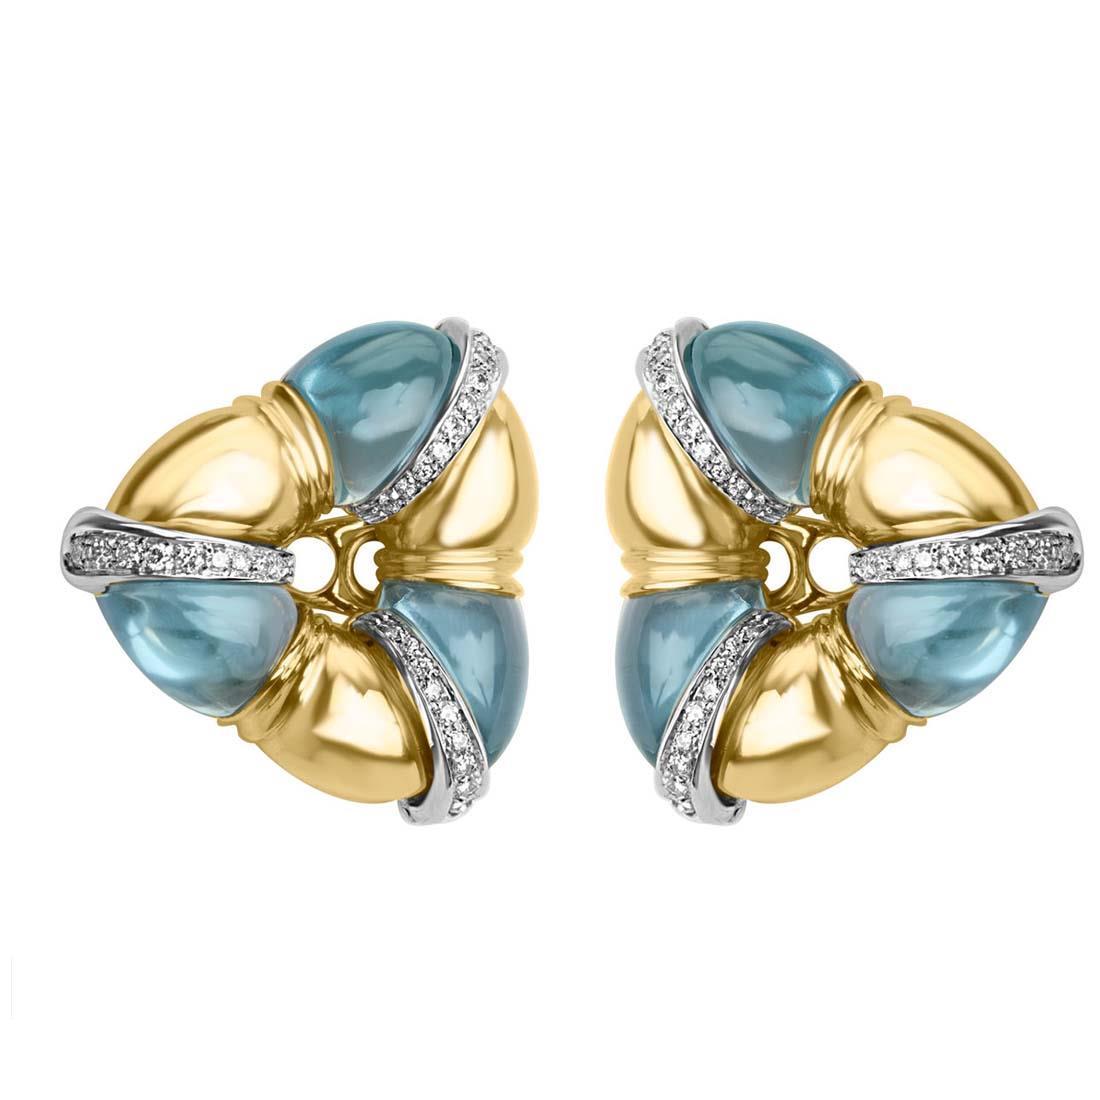 Orecchini in oro giallo con diamanti ct 0.58 e pietre azzurre - ORO&CO